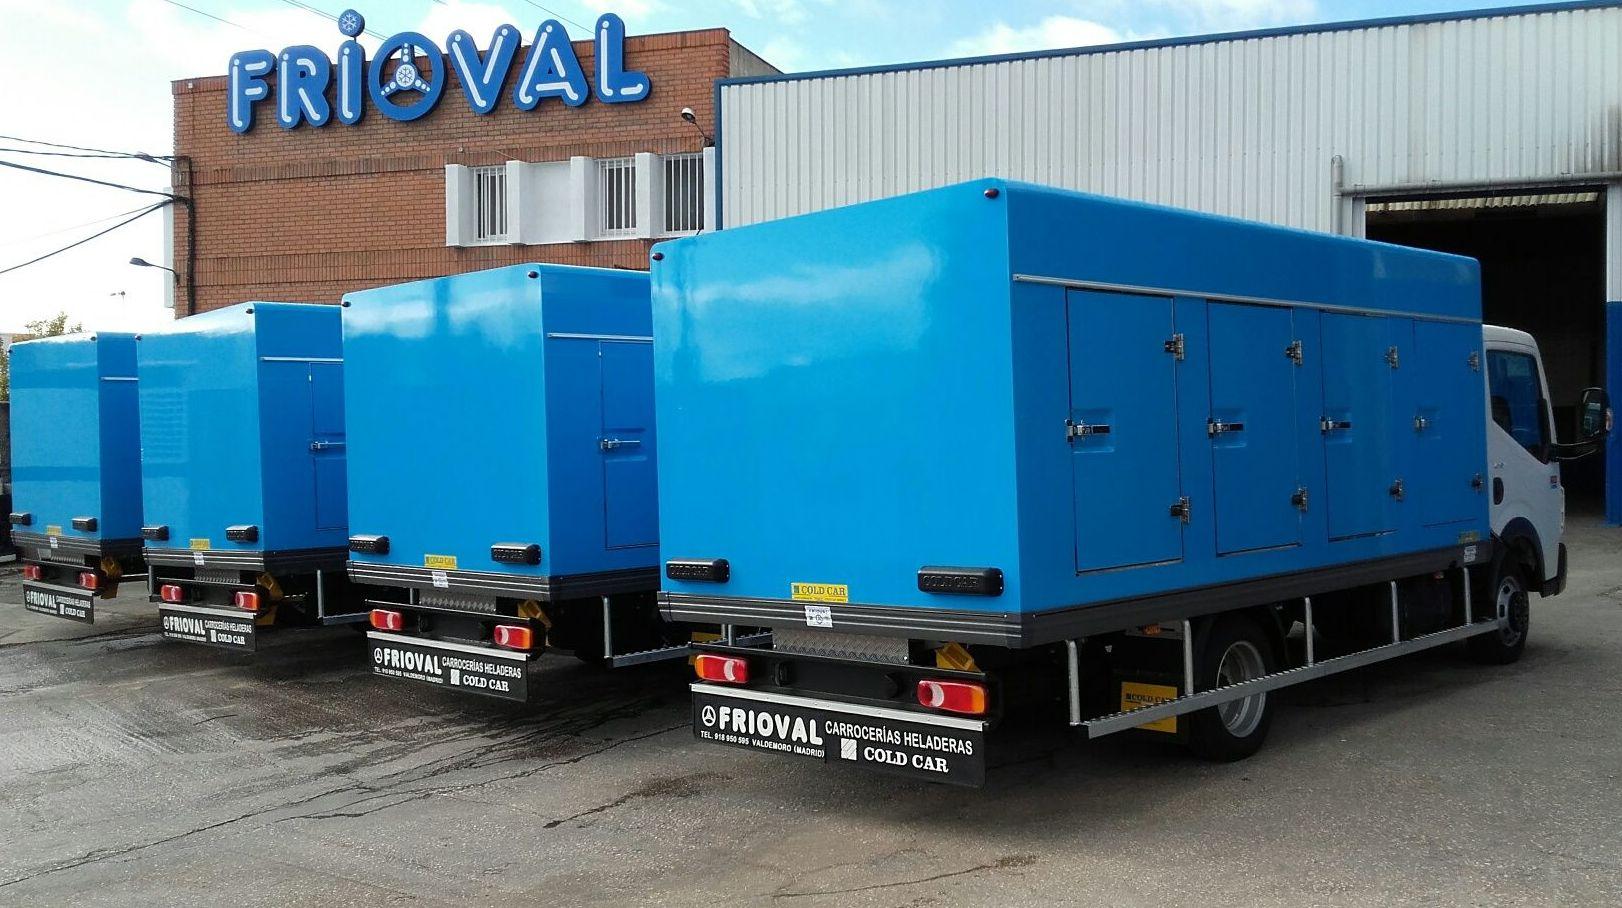 Empresa especializada en en reparar equipos frigorificos de transporte